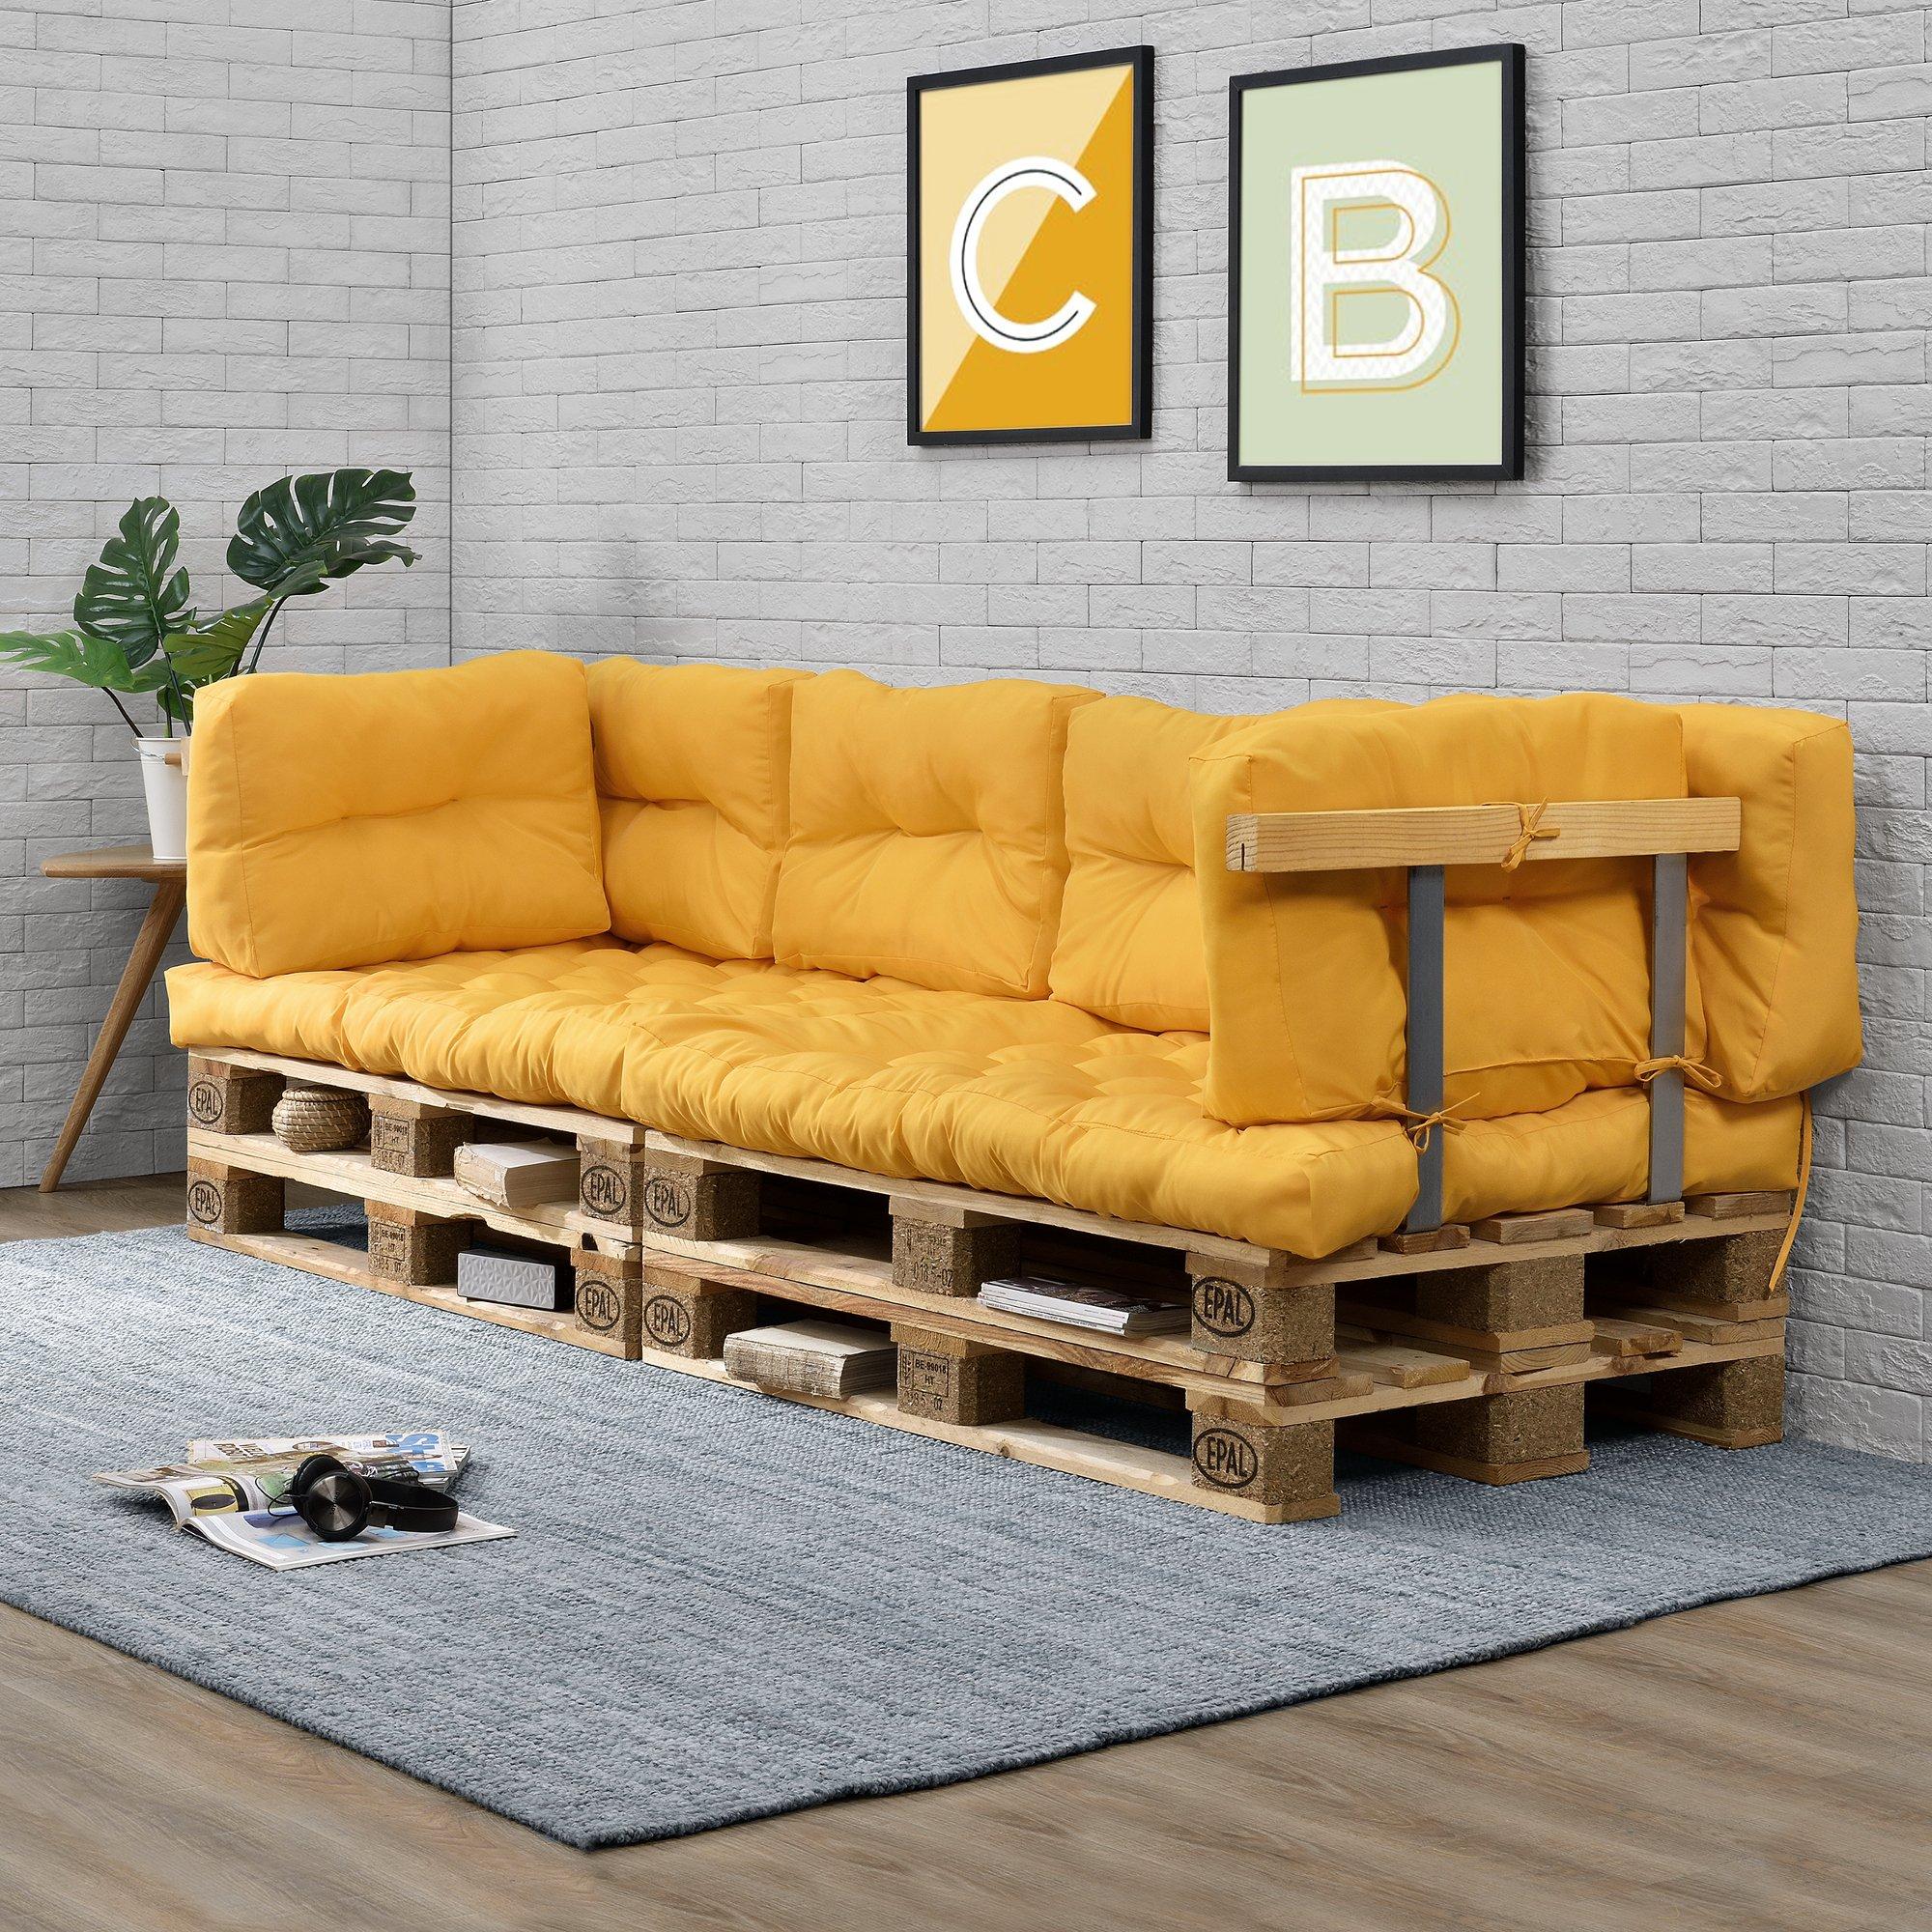 Divanetto realizzato con bancali di legno con cuscini gialli.